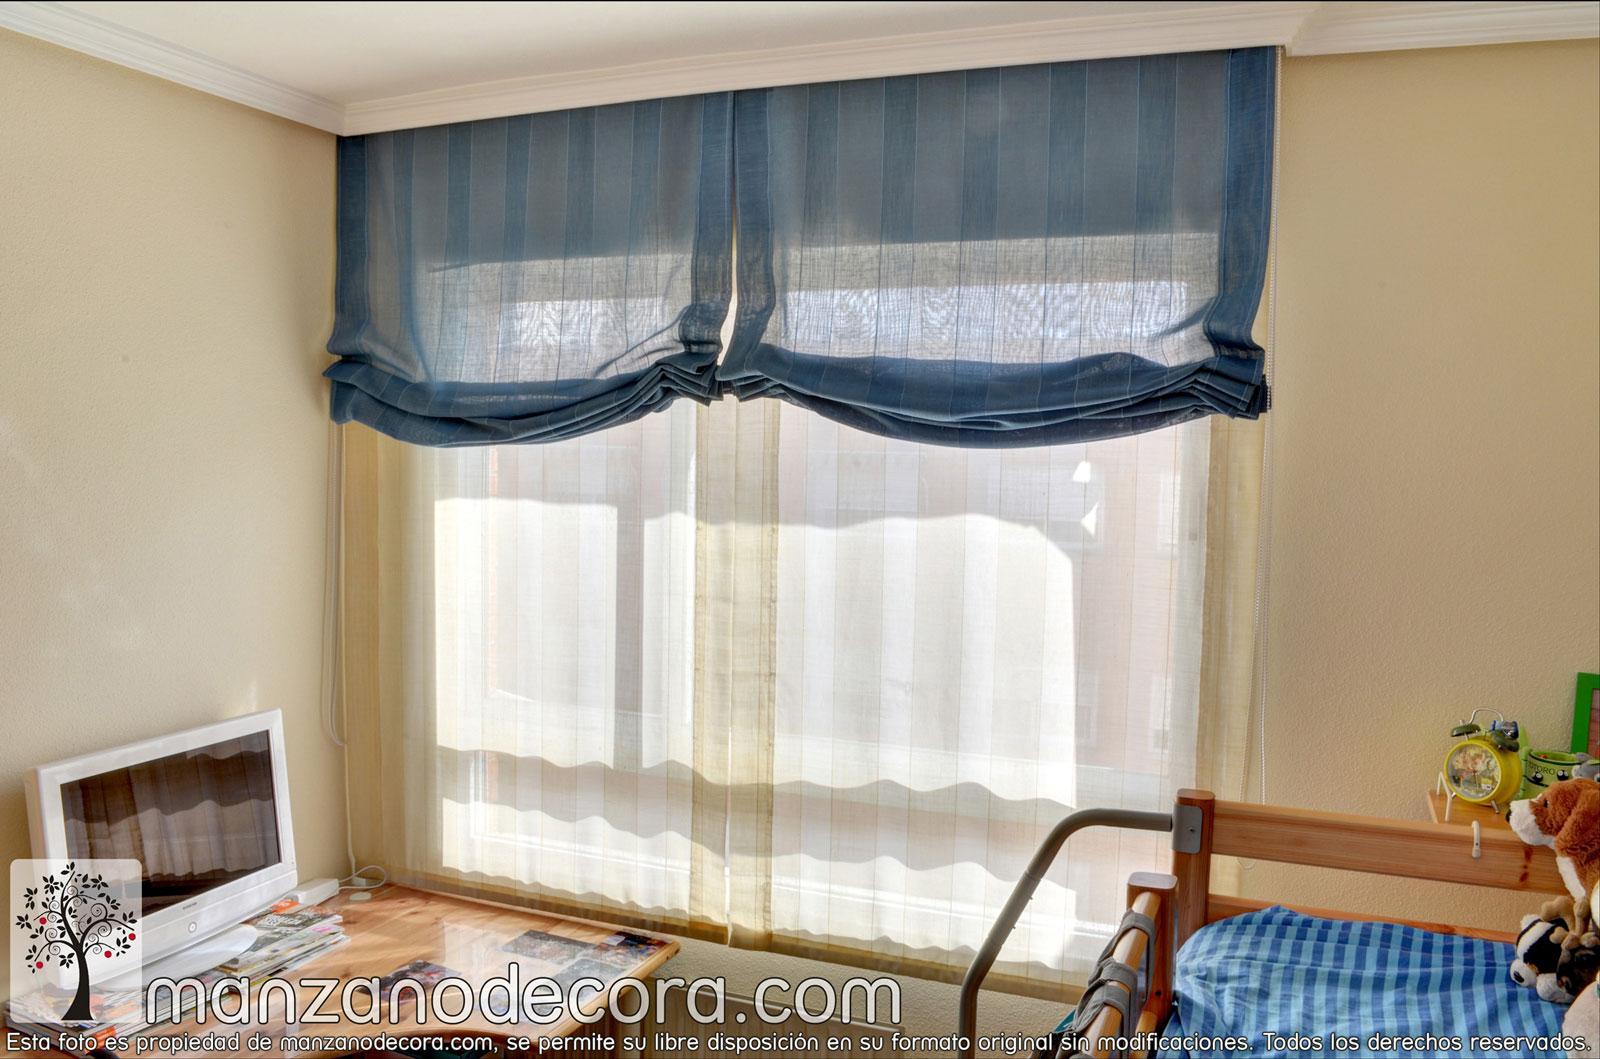 Estores cortinas manzanodecora - Confeccion de estores ...